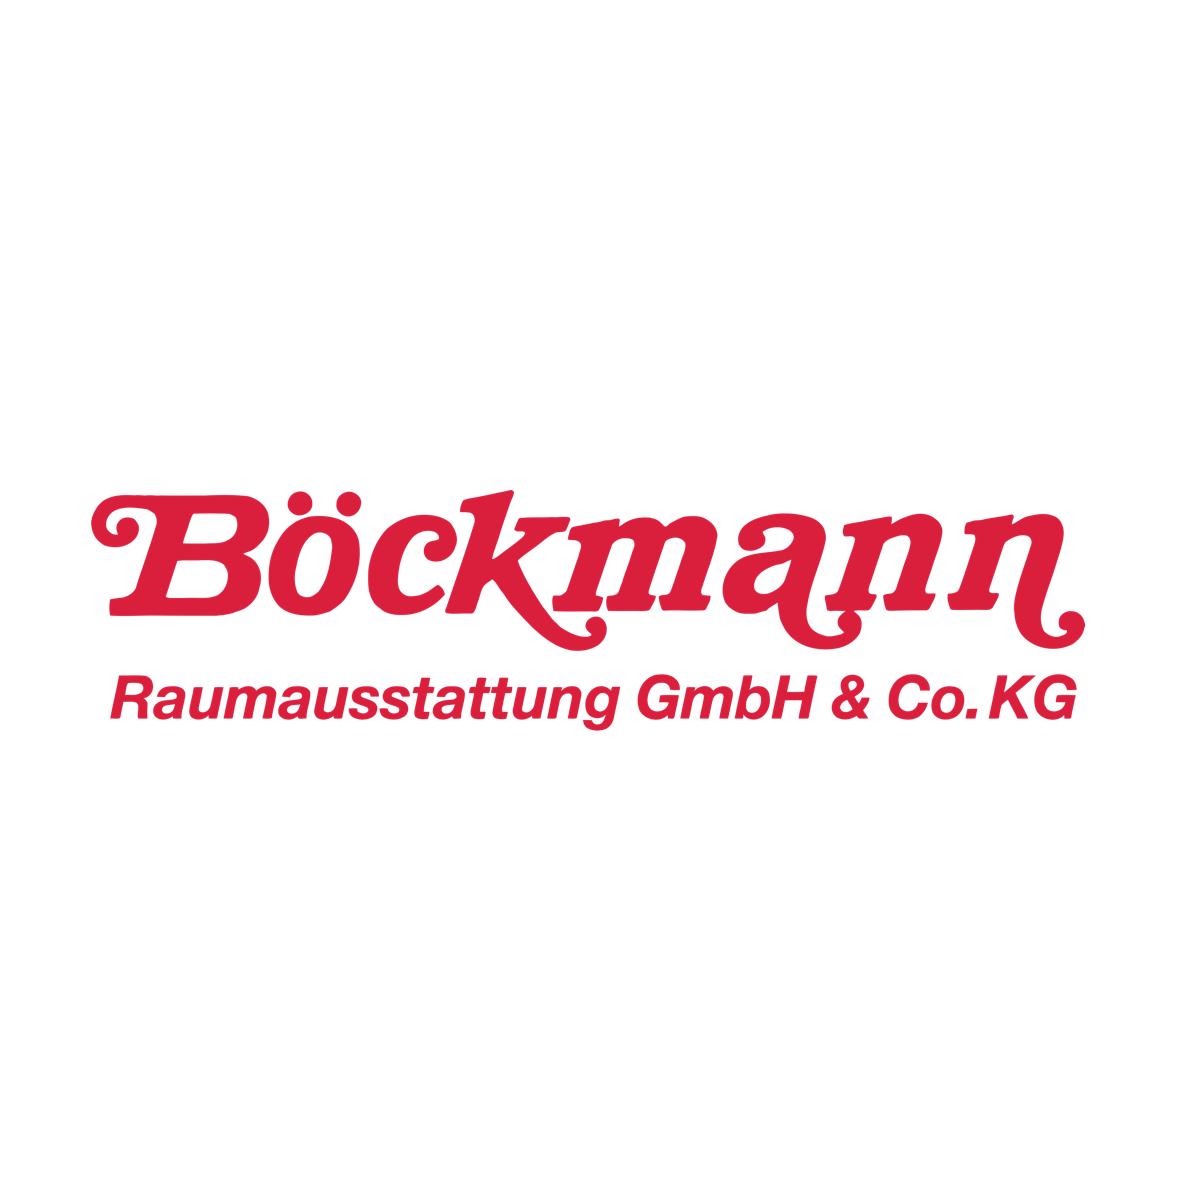 Böckmann Raumausstattung GmbH & Co. KG